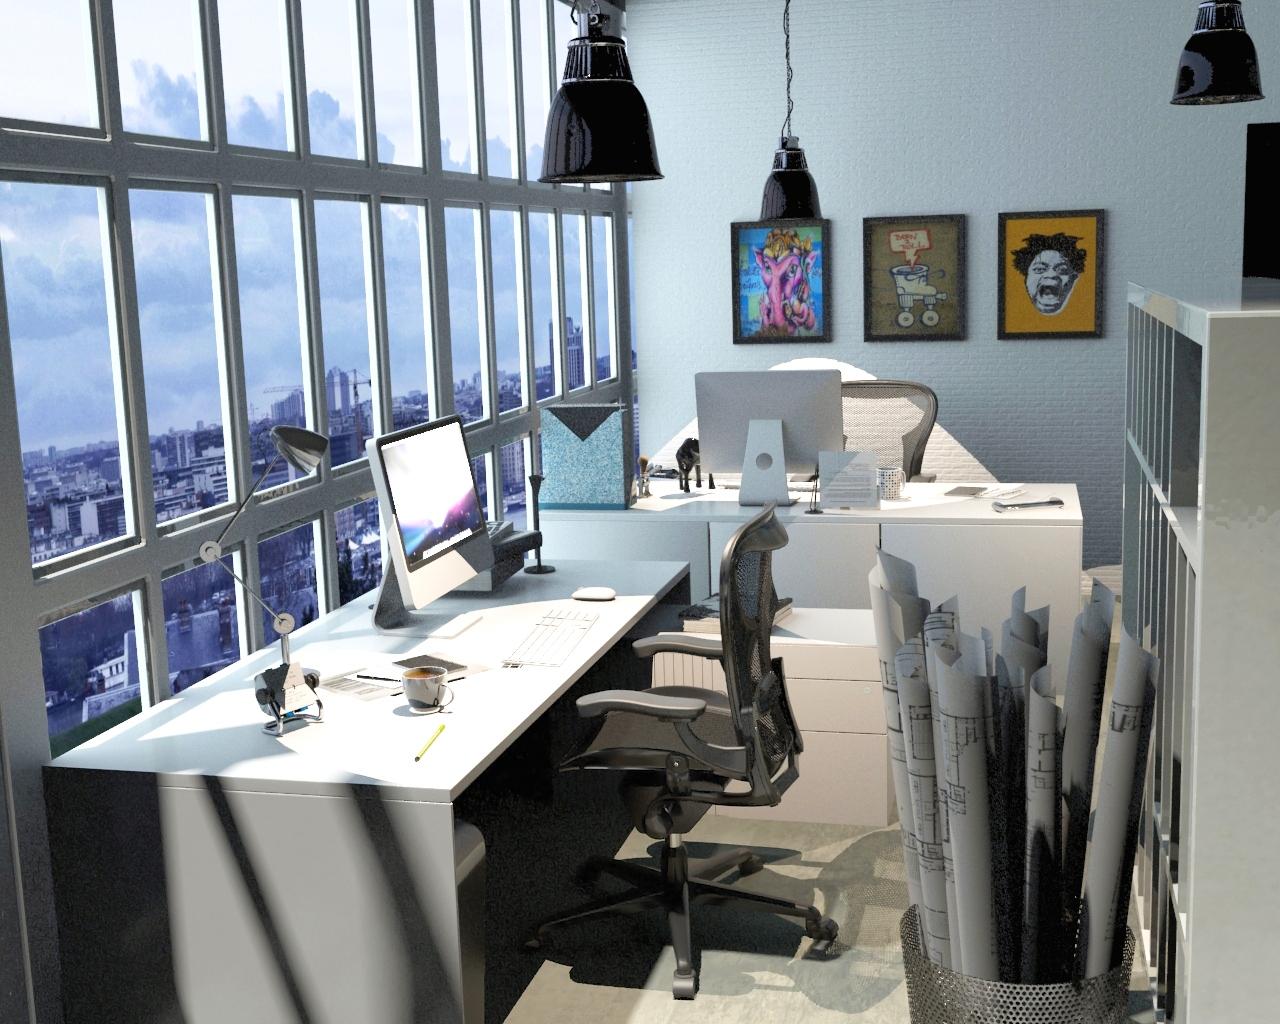 Дизайн офисных интерьеров фриланс freelance help